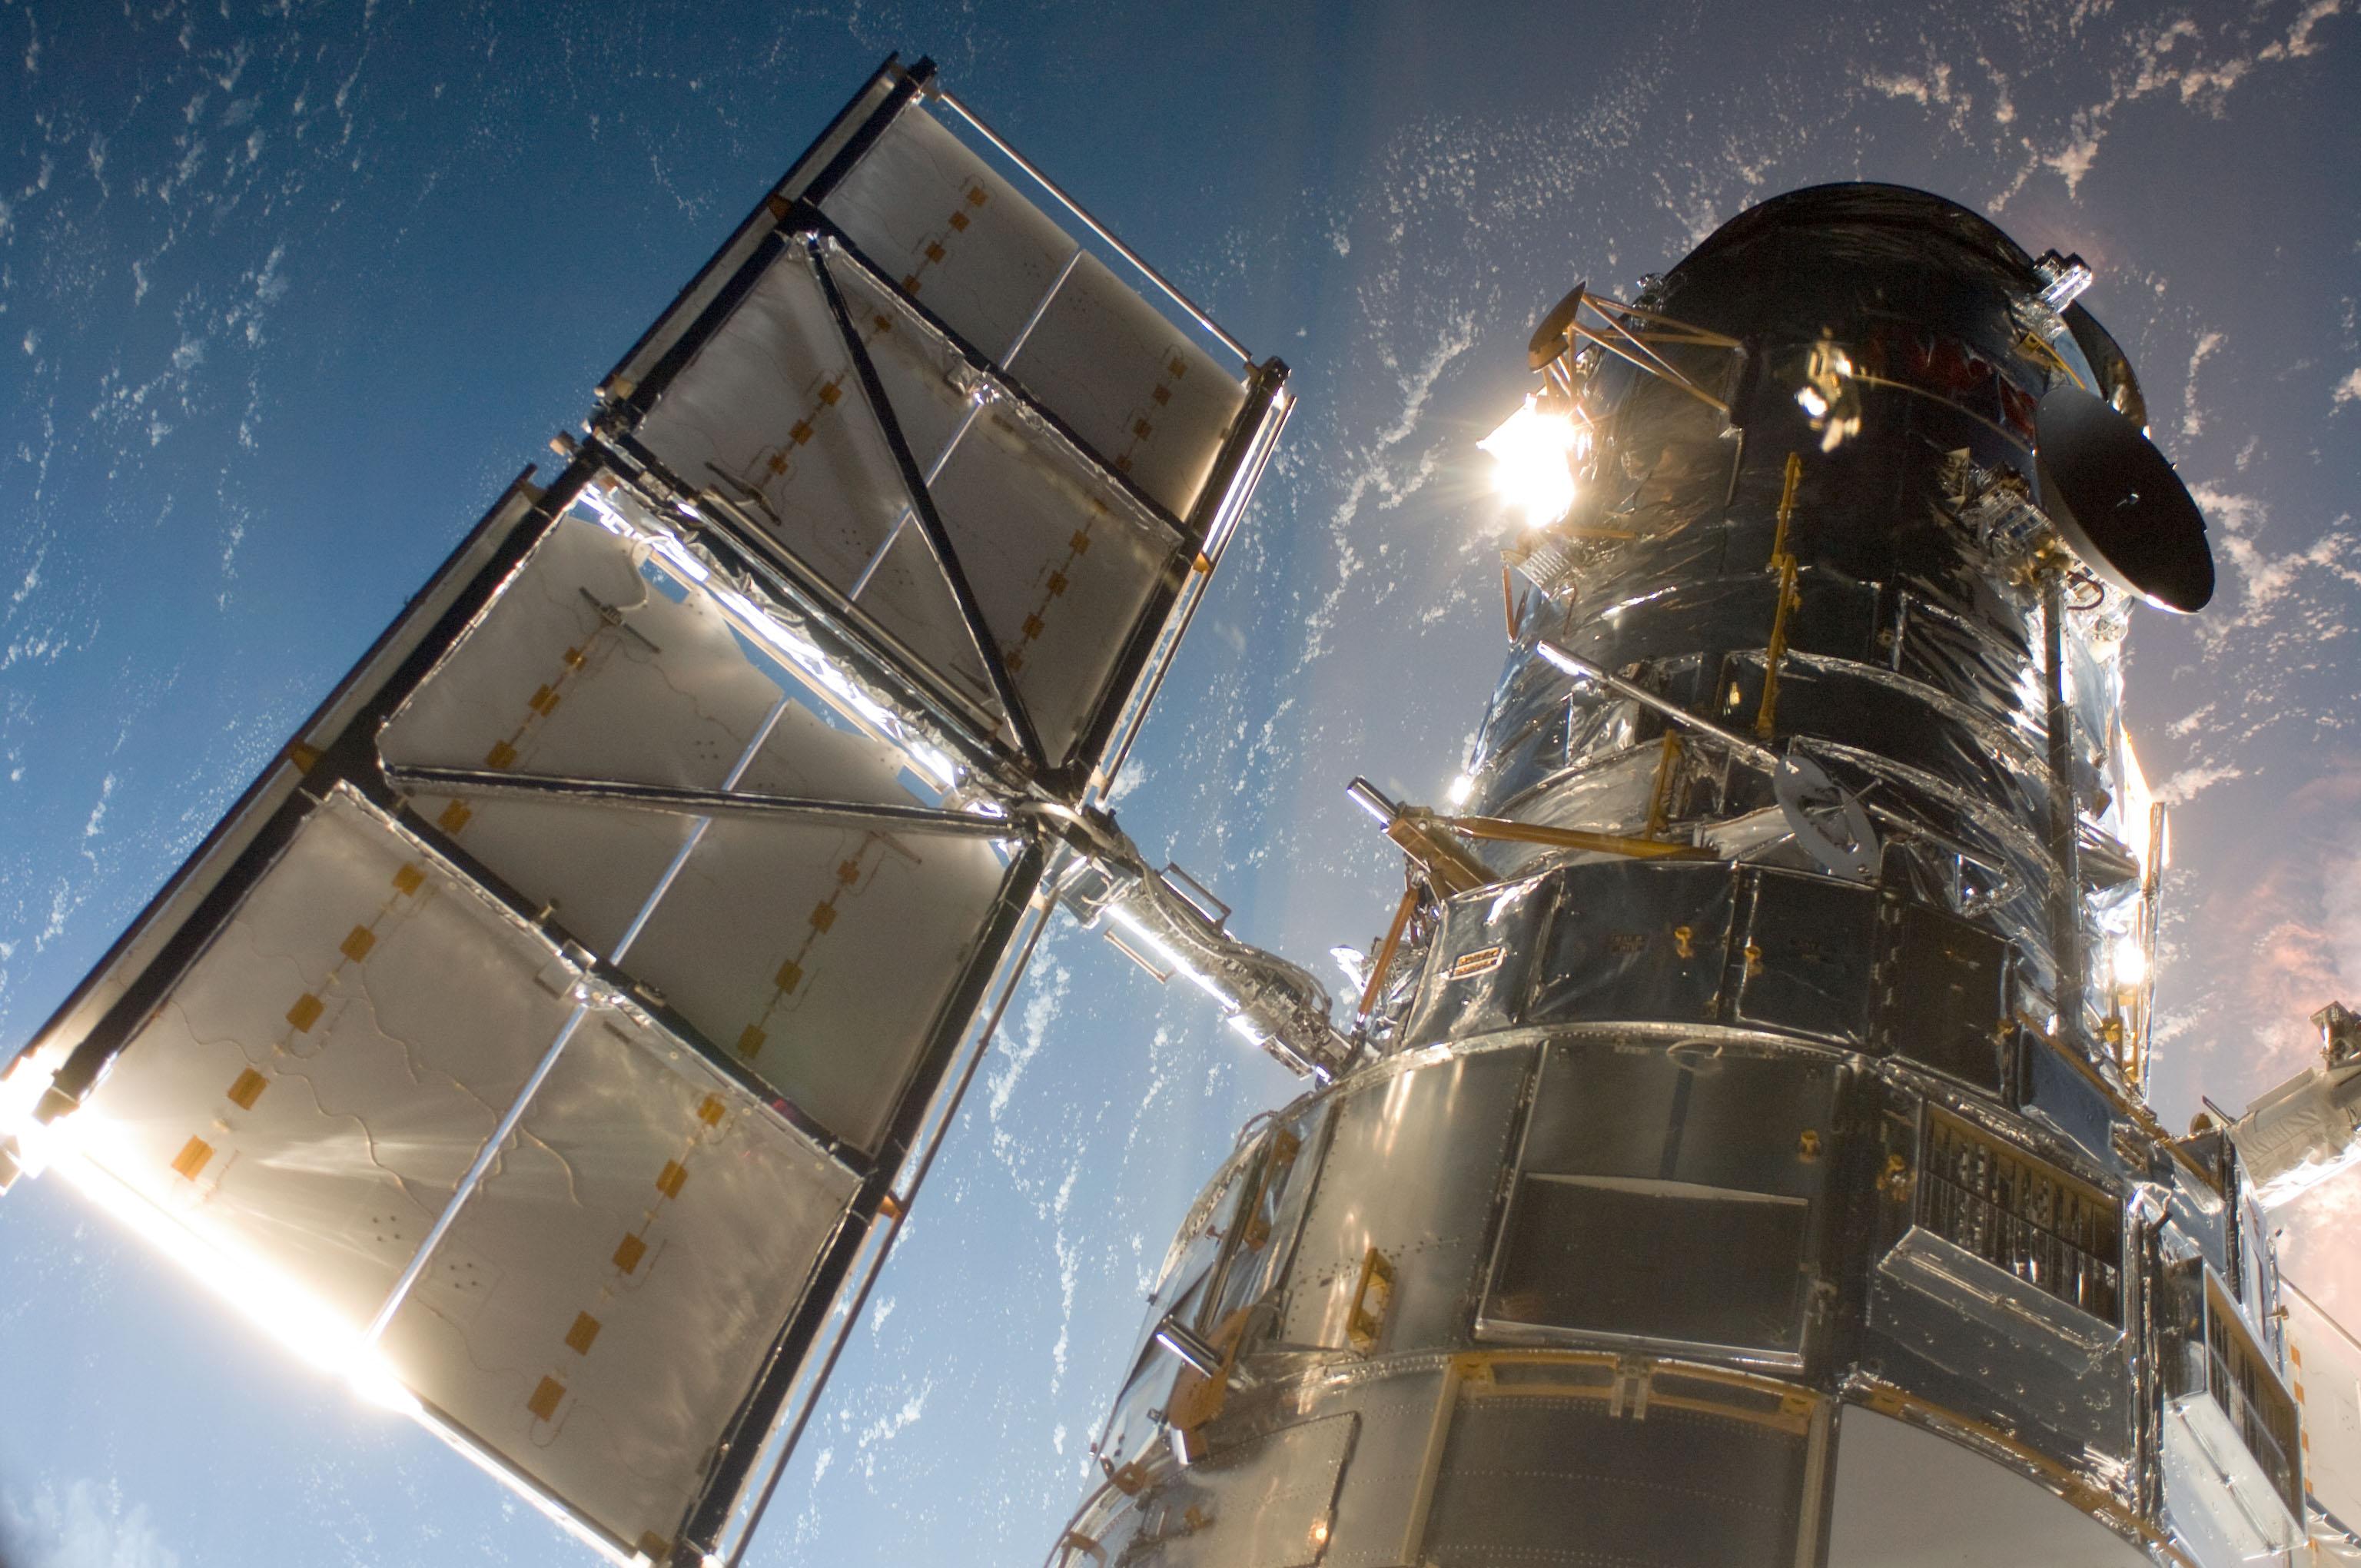 Telescopio spaziale Hubble fotografato dallo Shuttle Atlantis durante SM4 Credits: NASA